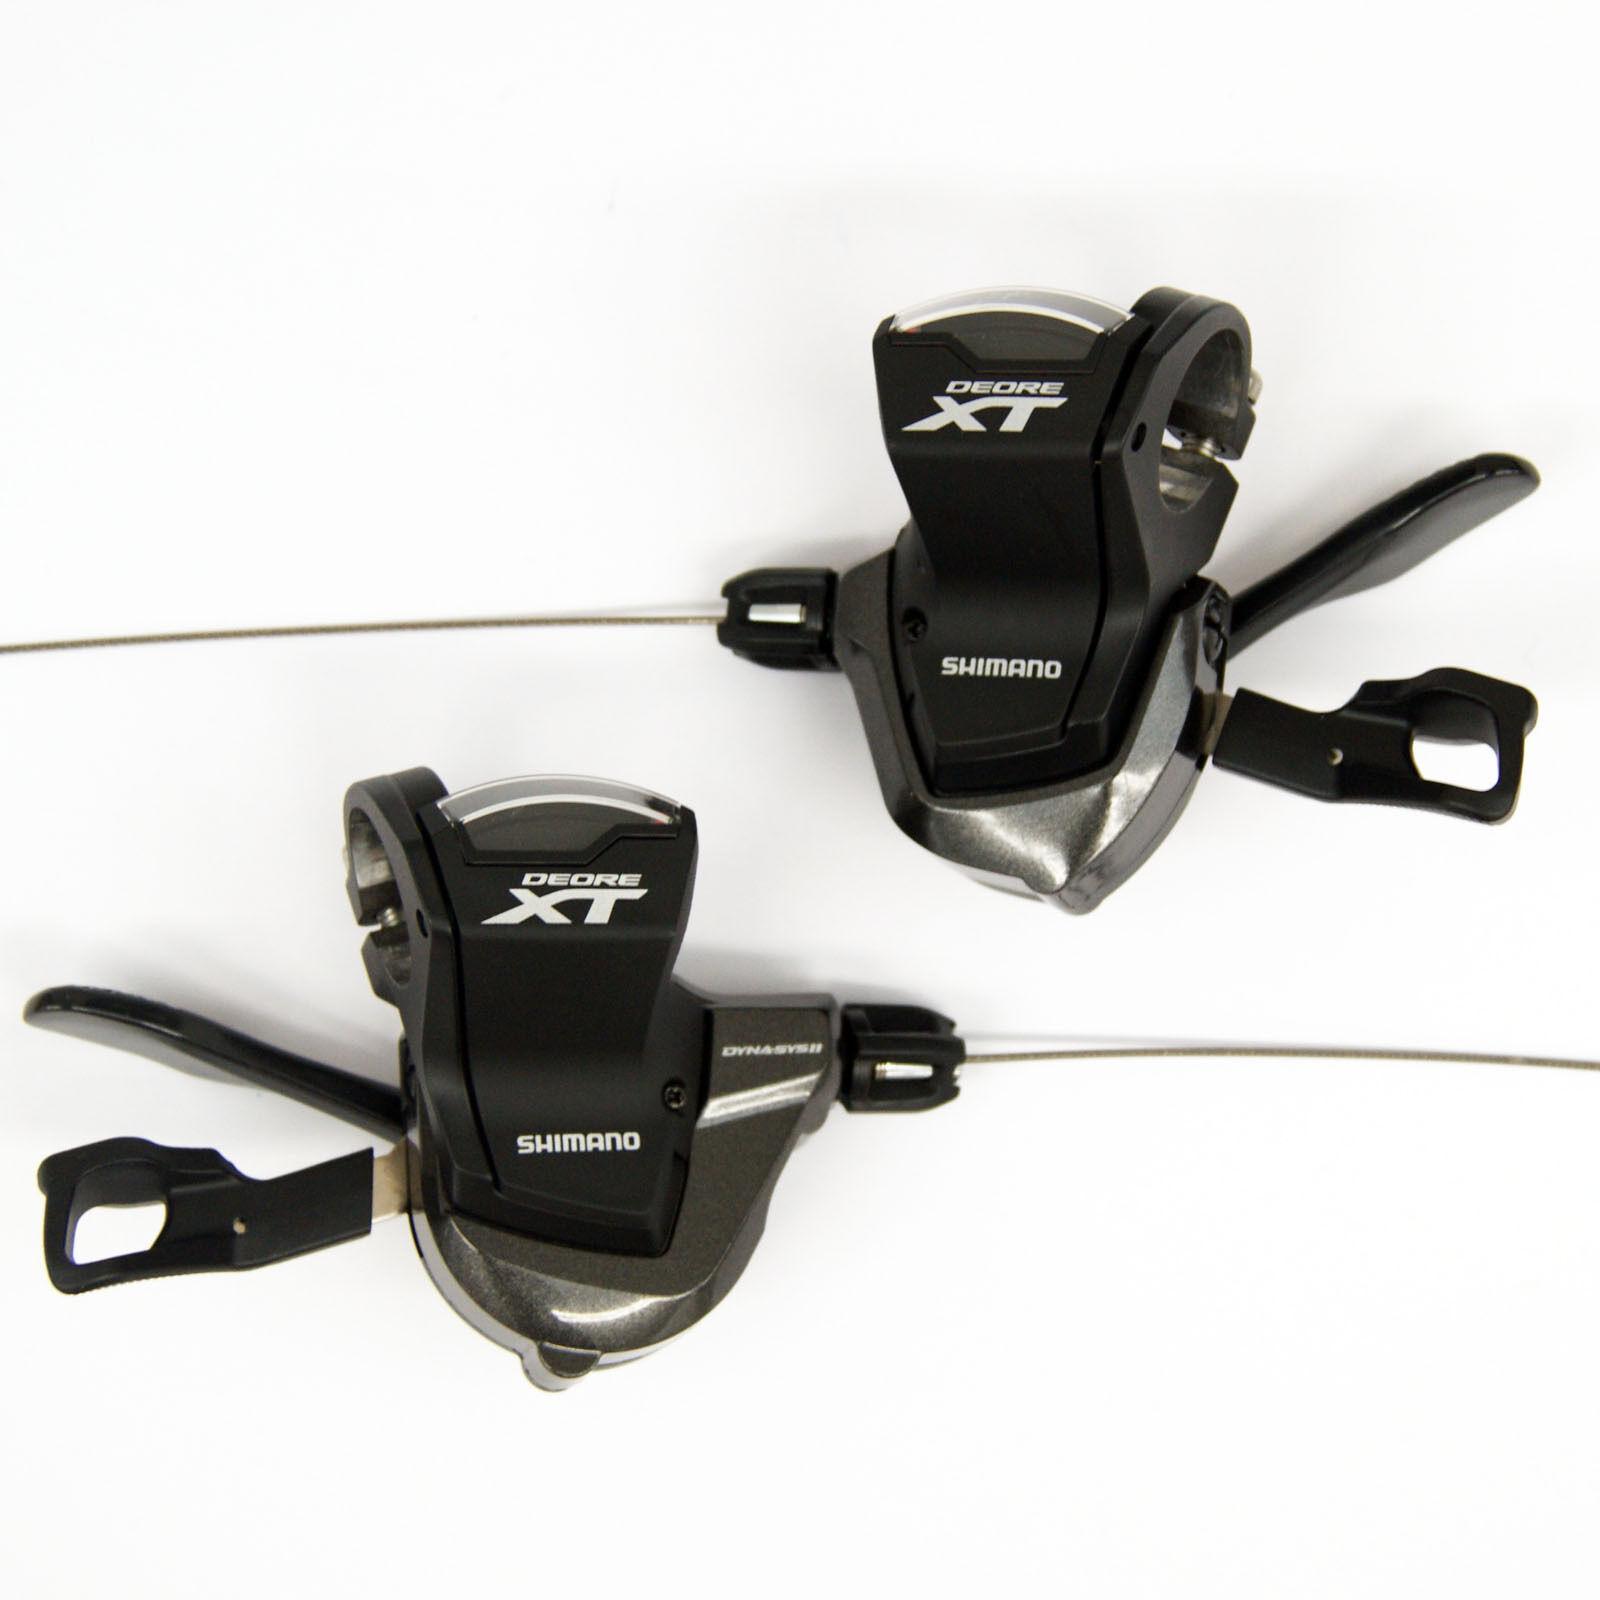 Shimano Deore XT SL-M8000 Shift Palancas Izquierda y Derecha (Par) ISLM8000PA2